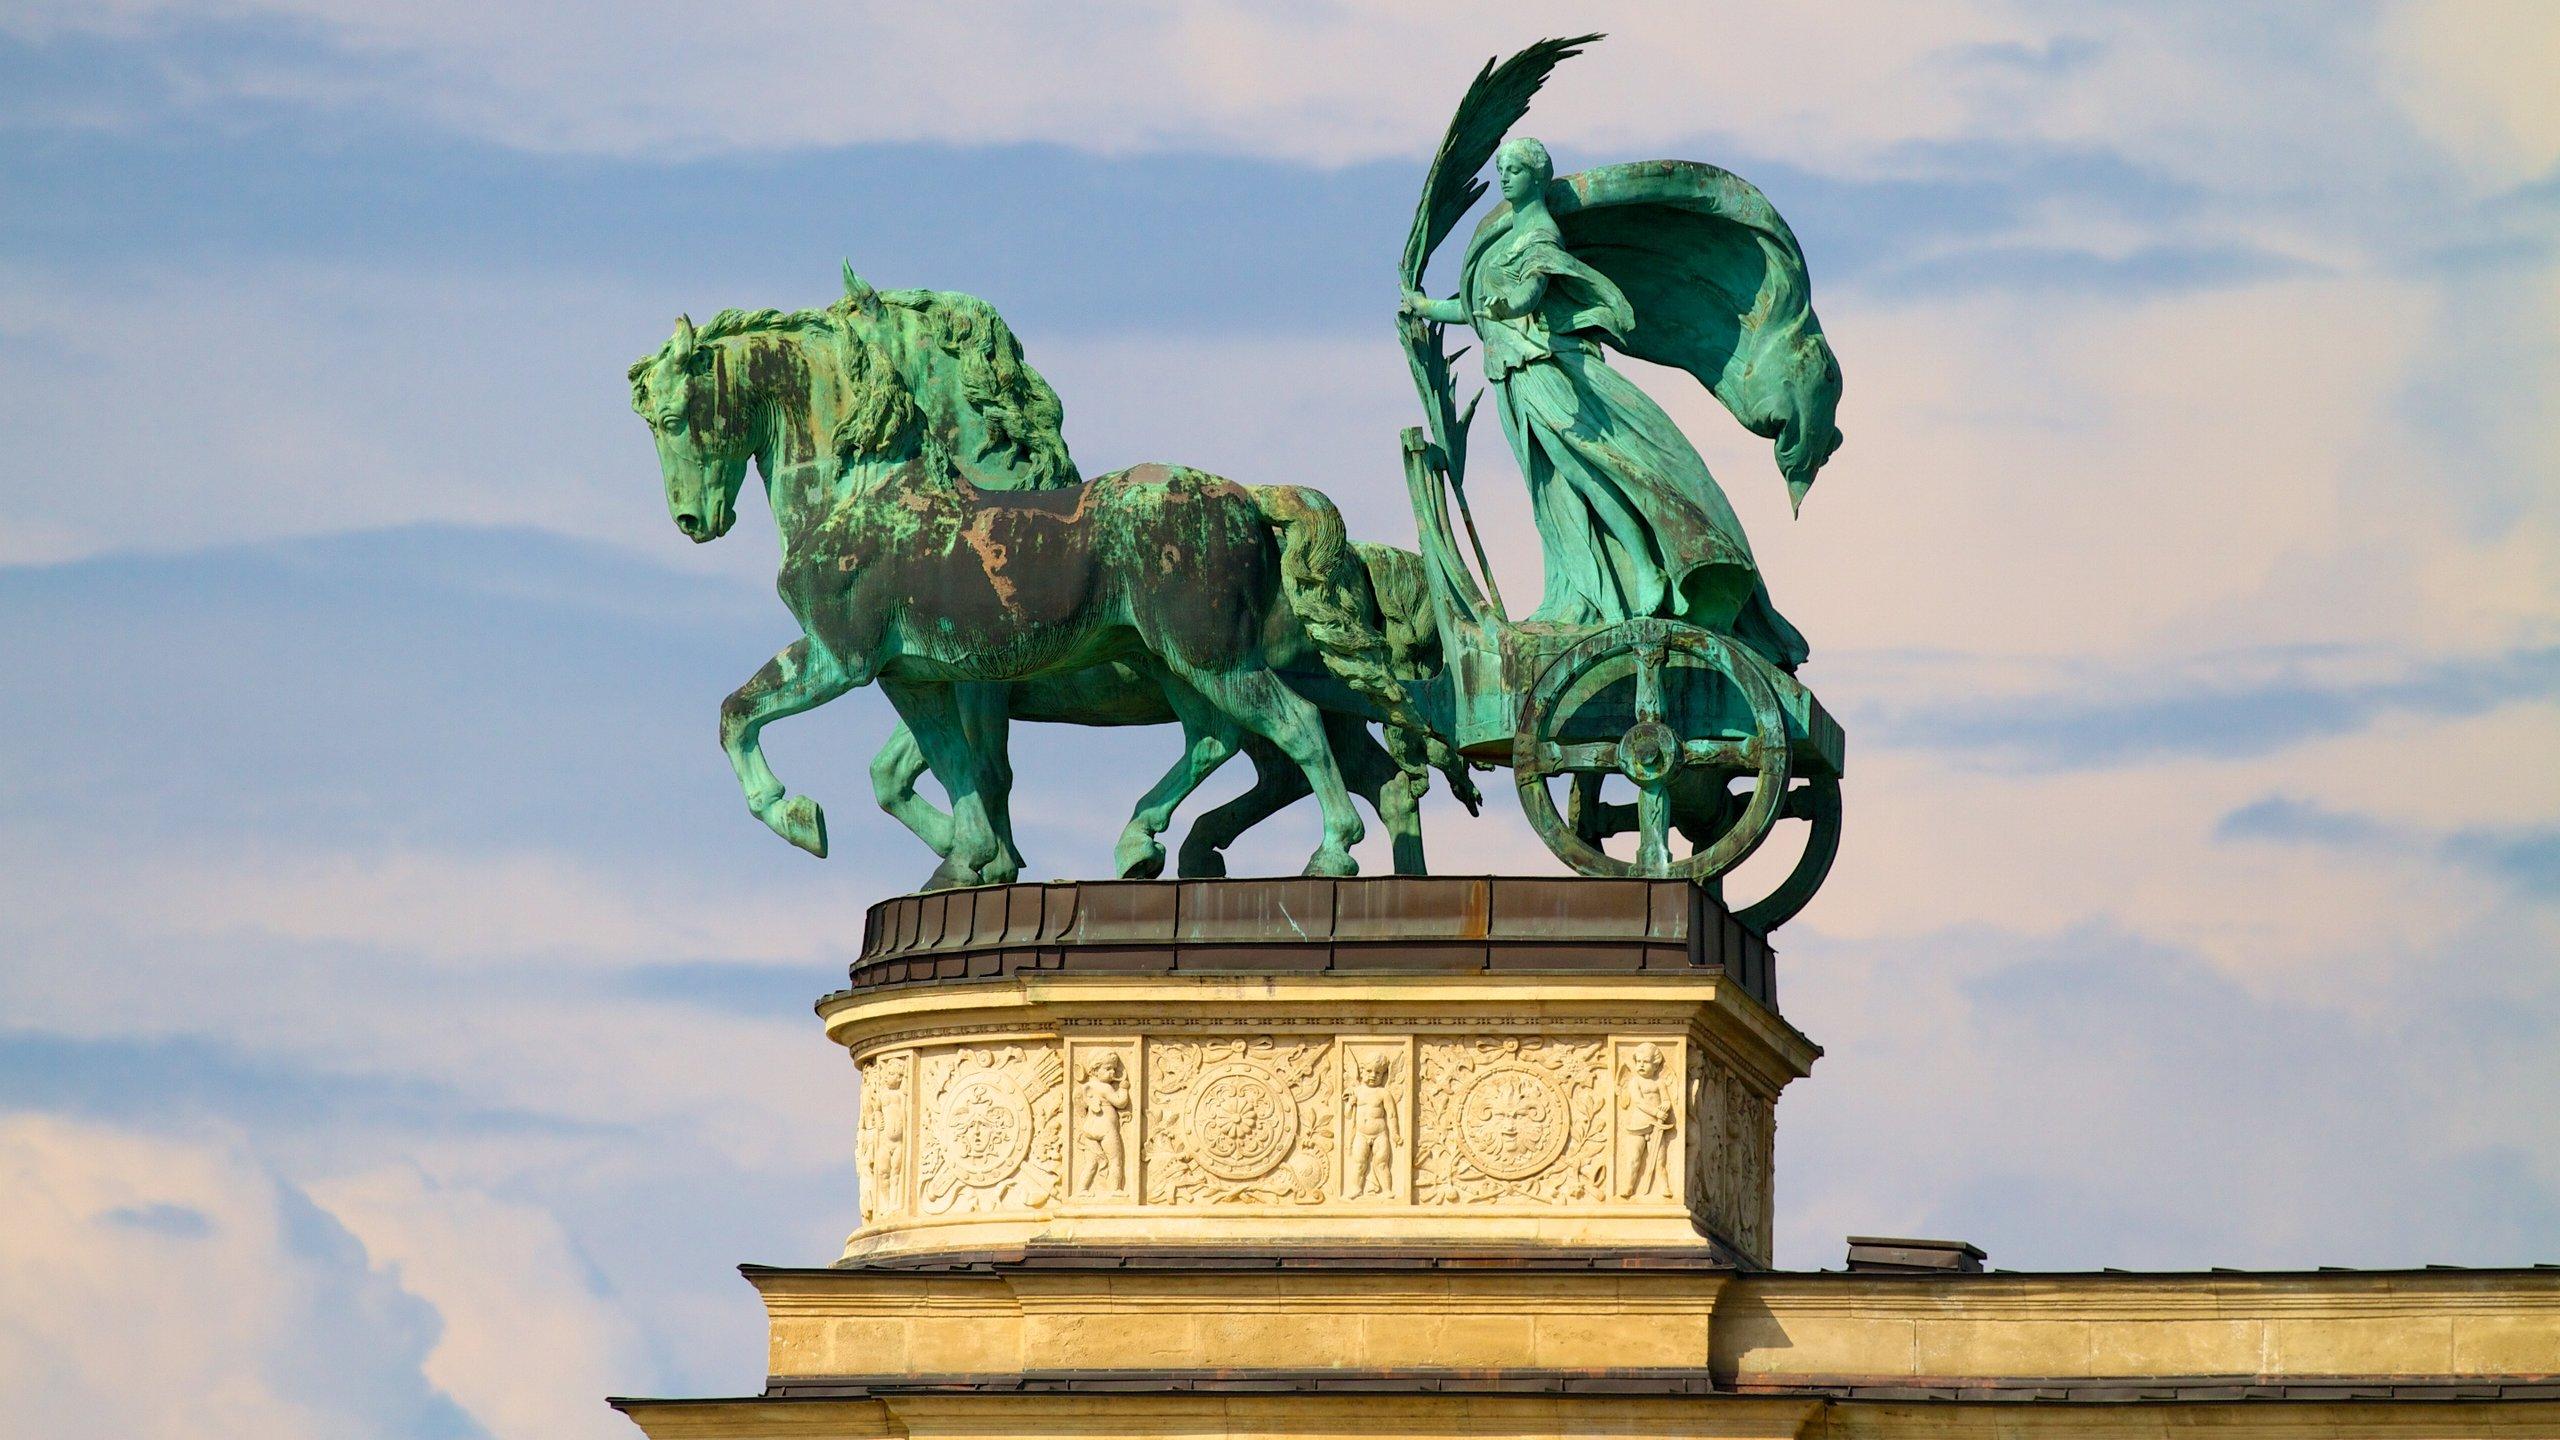 Hongarije is trots op zijn duizendjarig bestaan als land en toont dit met een groot plein en monumenten voor helden uit het verleden.